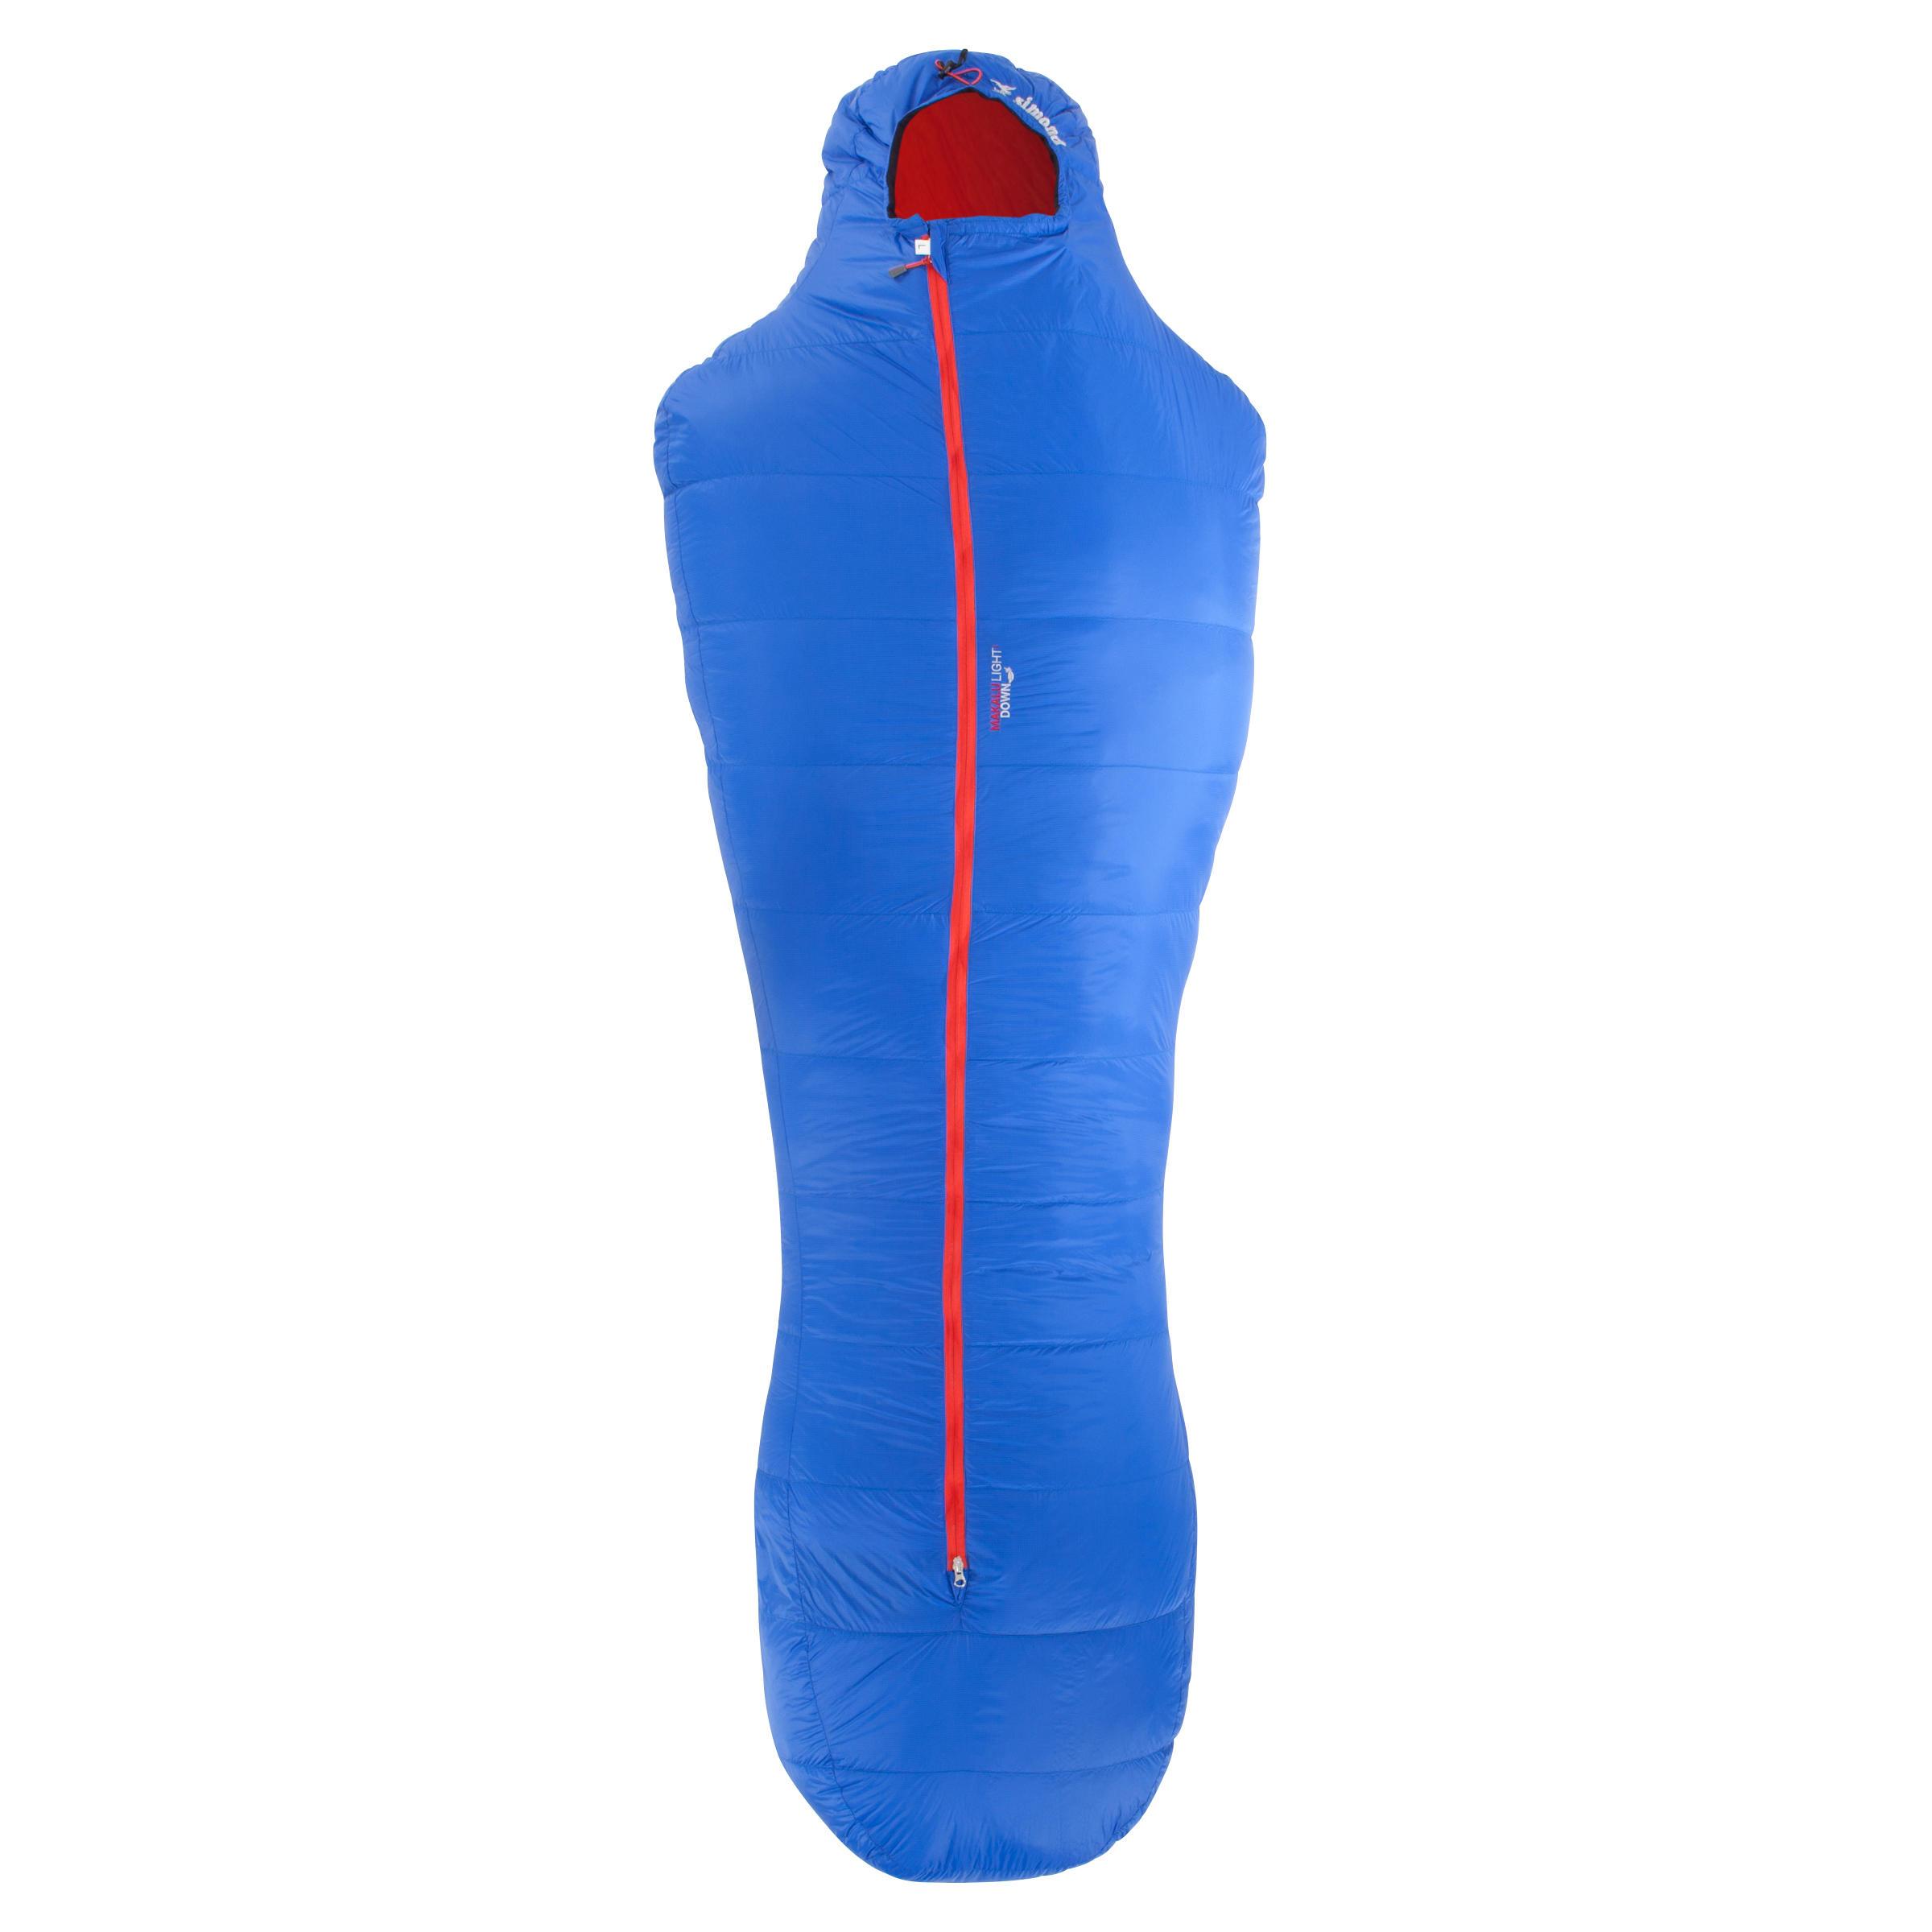 besserer Preis für Details für neu billig Trekkinschlafsäcke | leicht und kompakt | DECATHLON